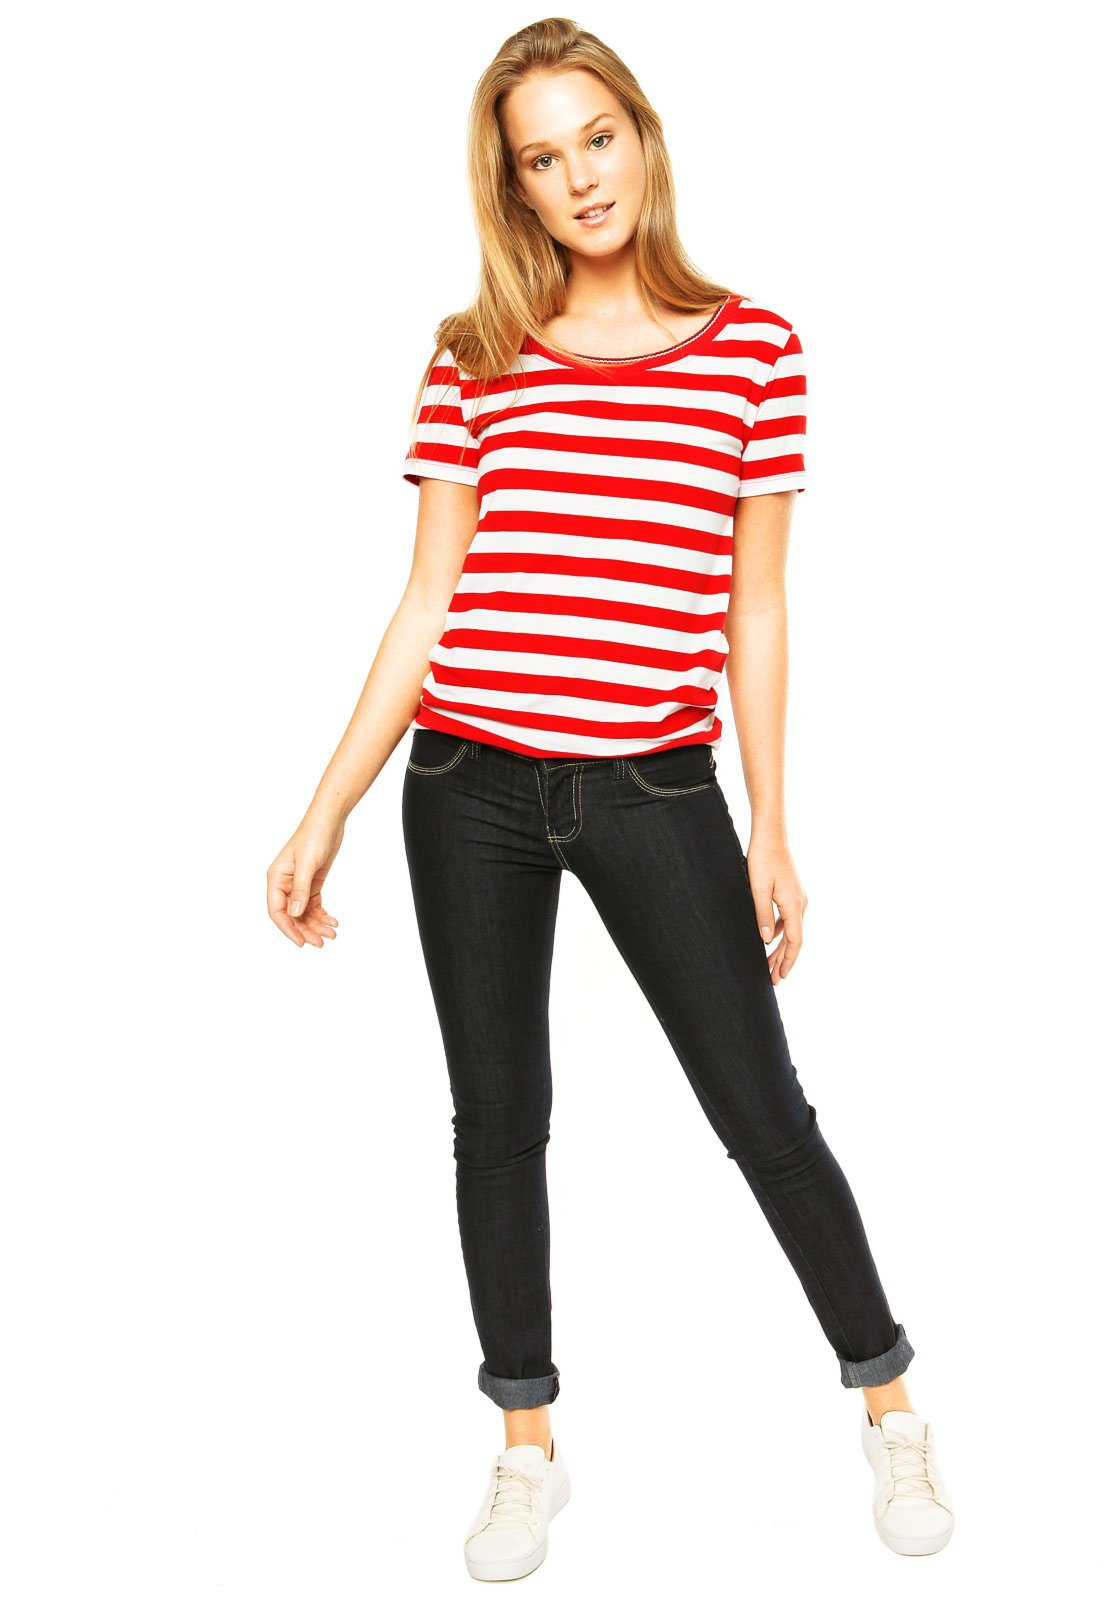 Liger-Jeans-Cal%C3%A7a-Jeans-Liger-Jeans